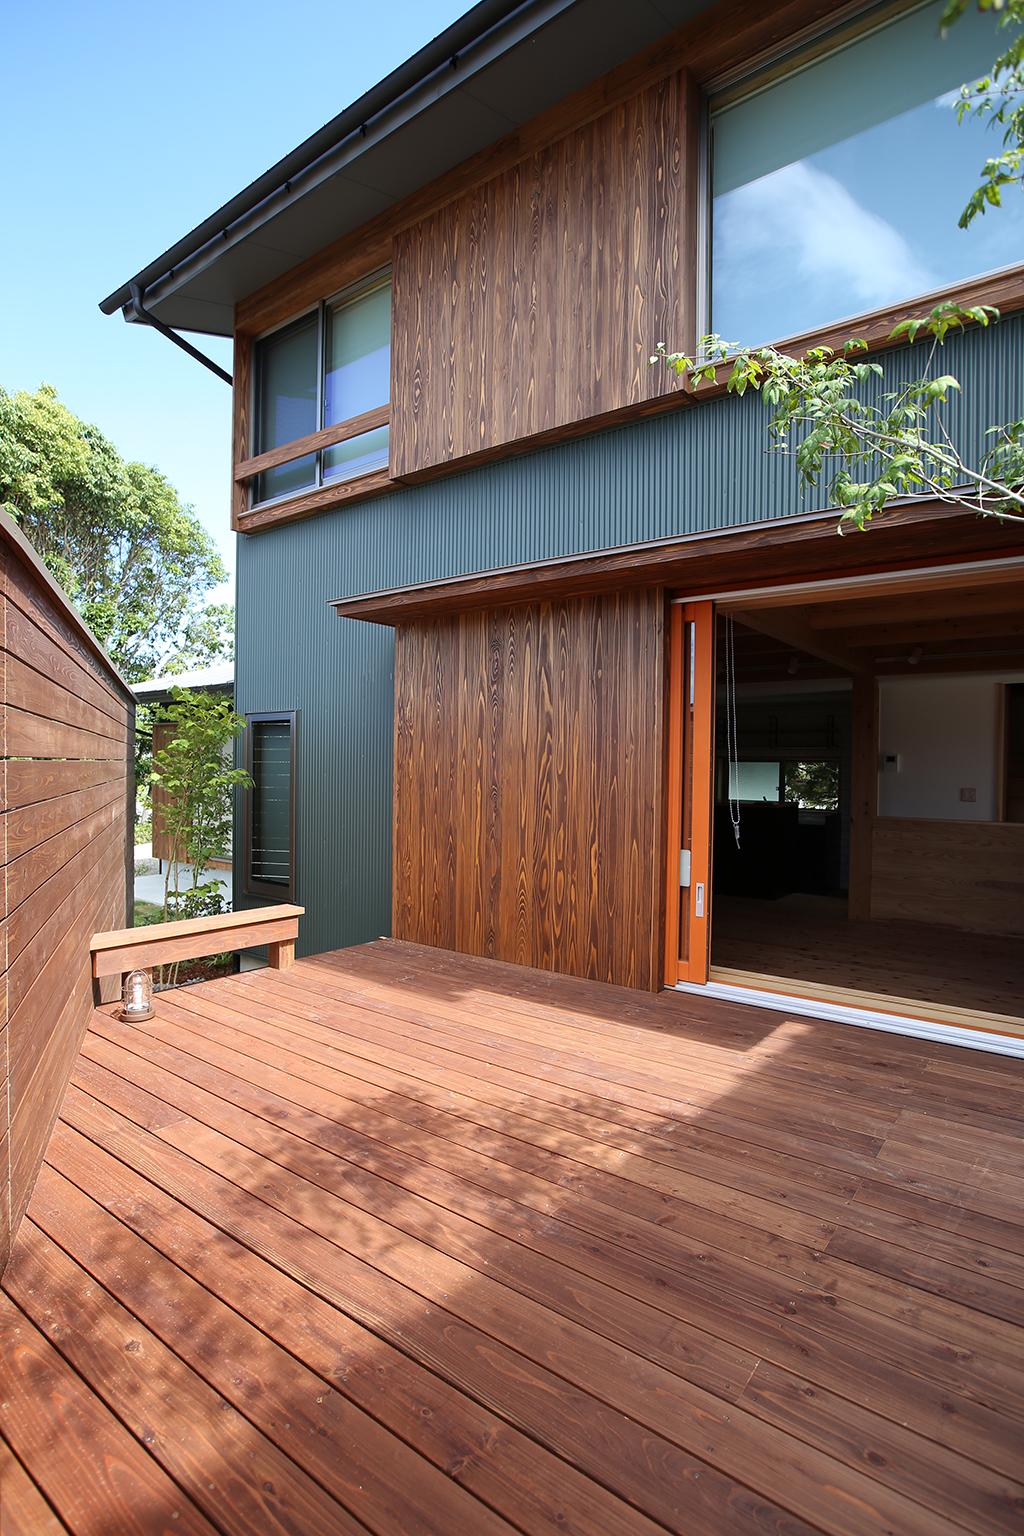 明石市の木の家 グリーンの外壁と濃茶色の杉板が落ち着いた雰囲気の外観